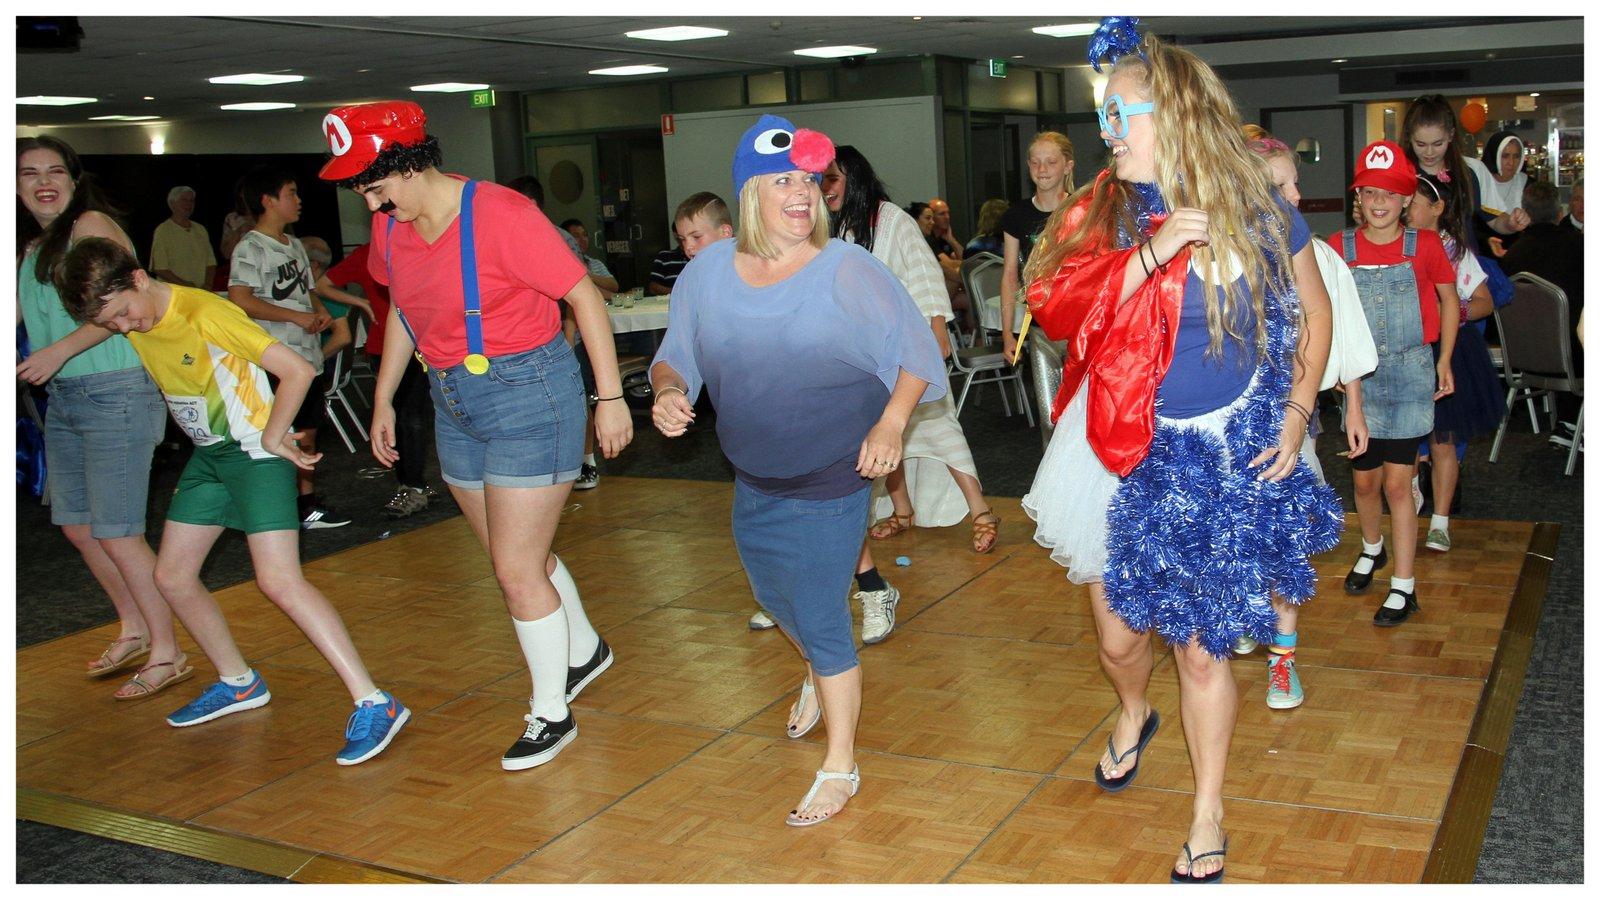 Dancing and having fun!